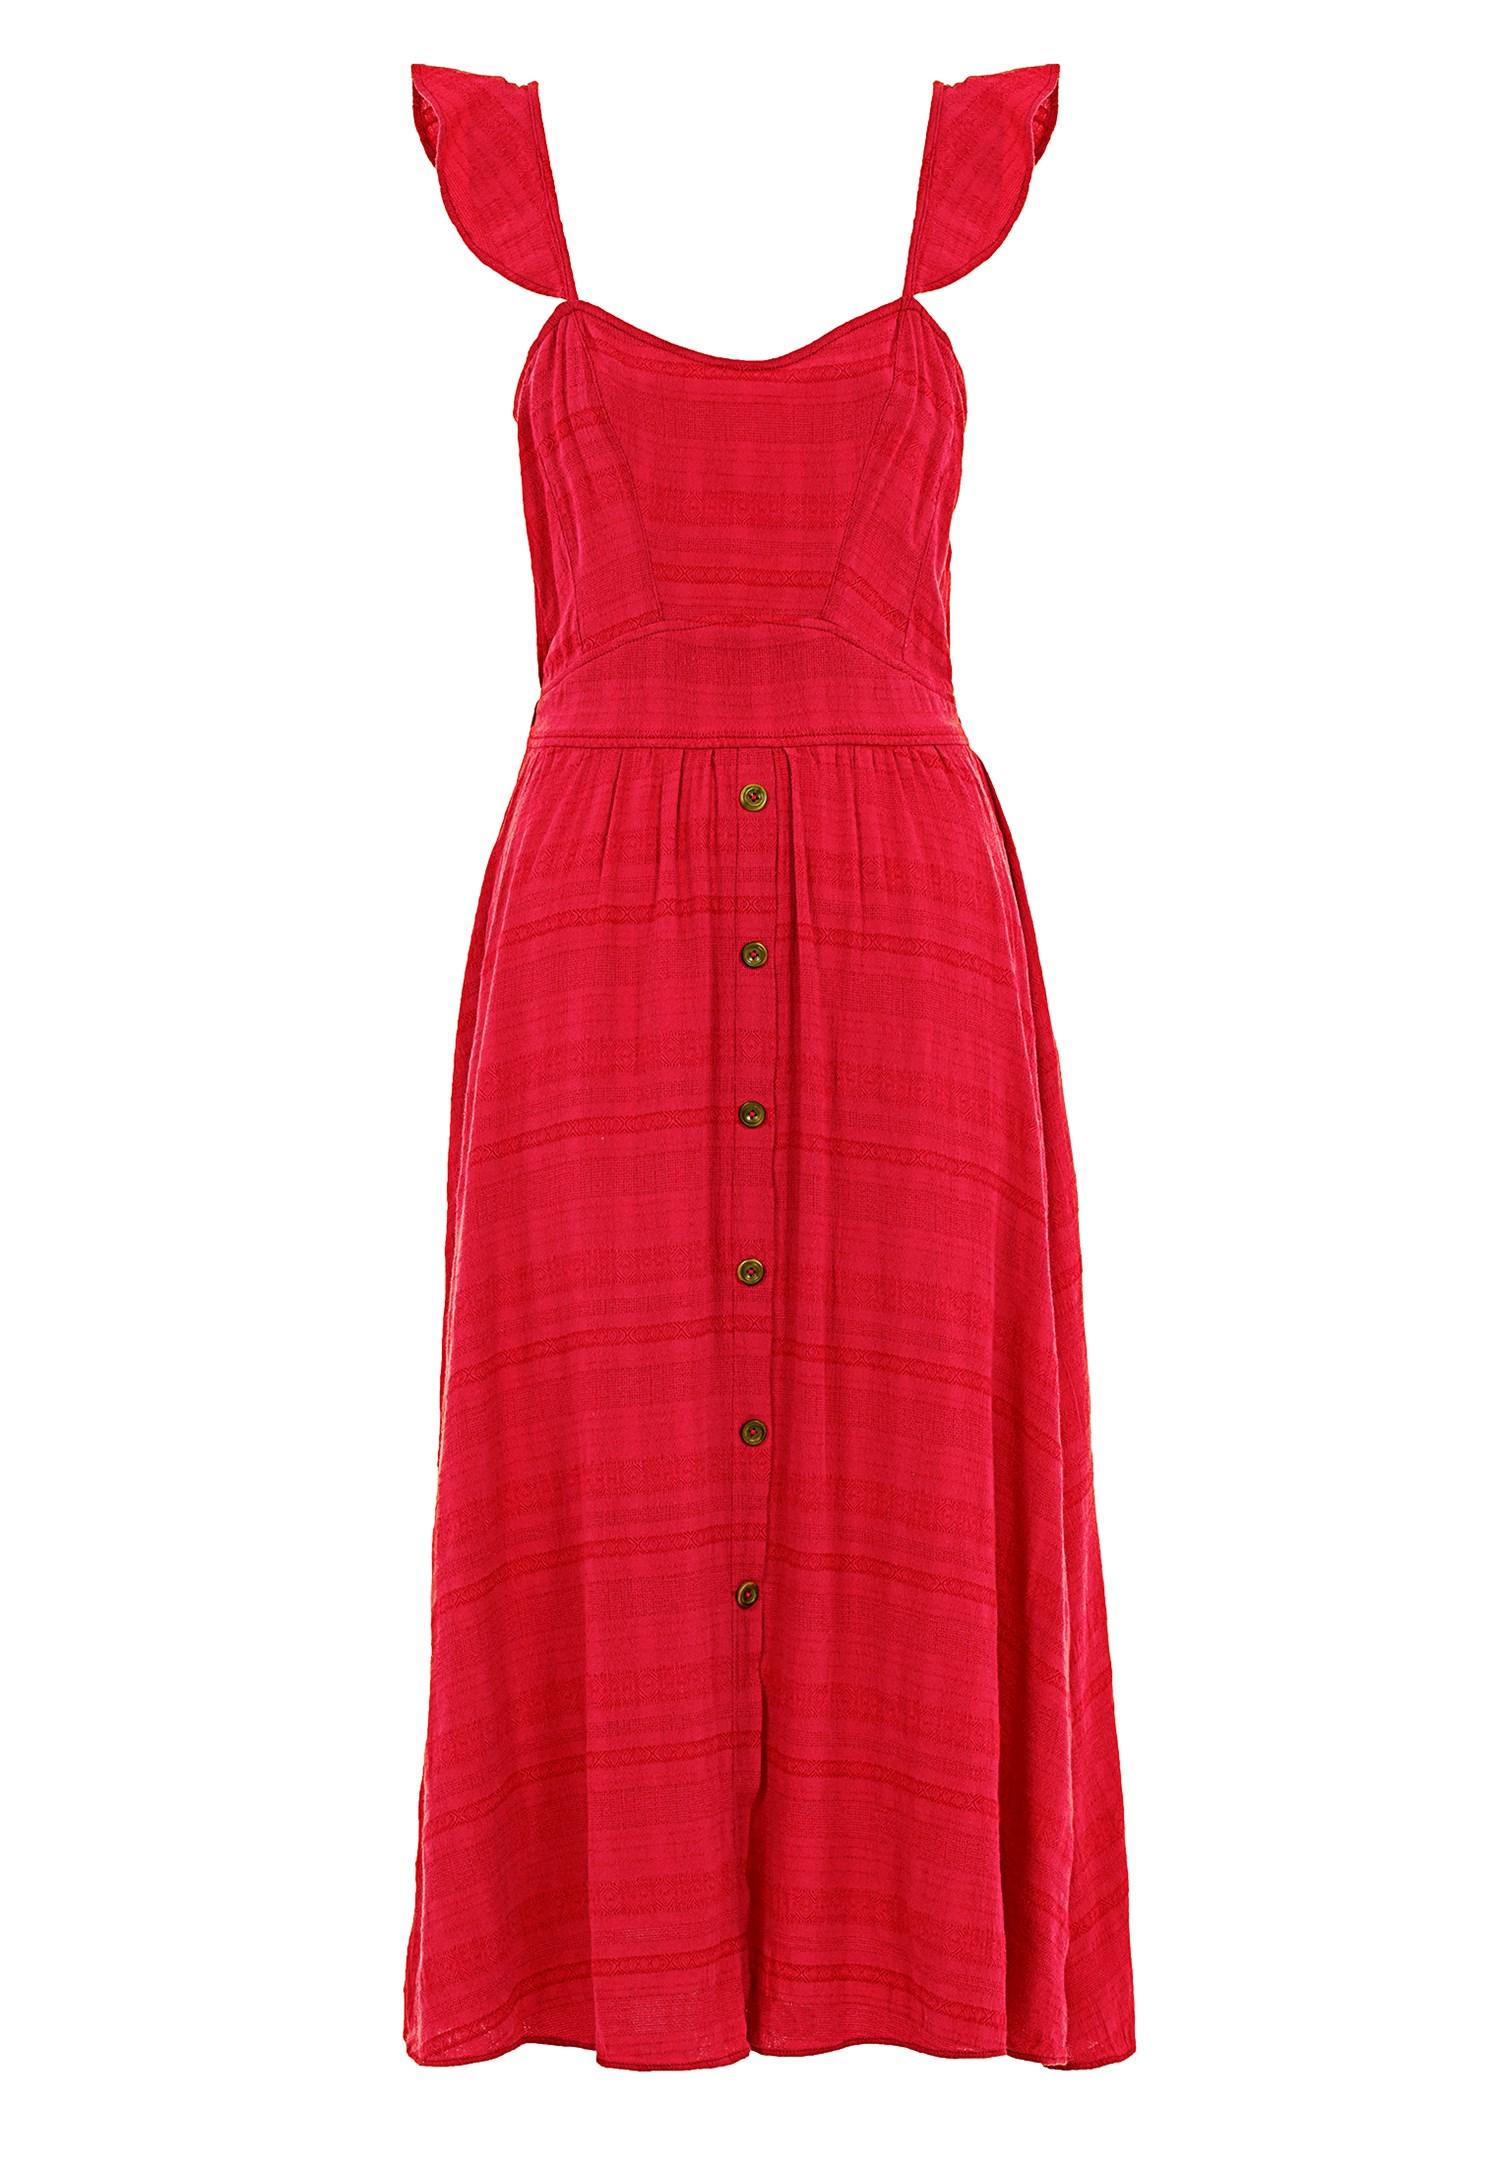 Bayan Kırmızı Düğmeli Midi Elbise